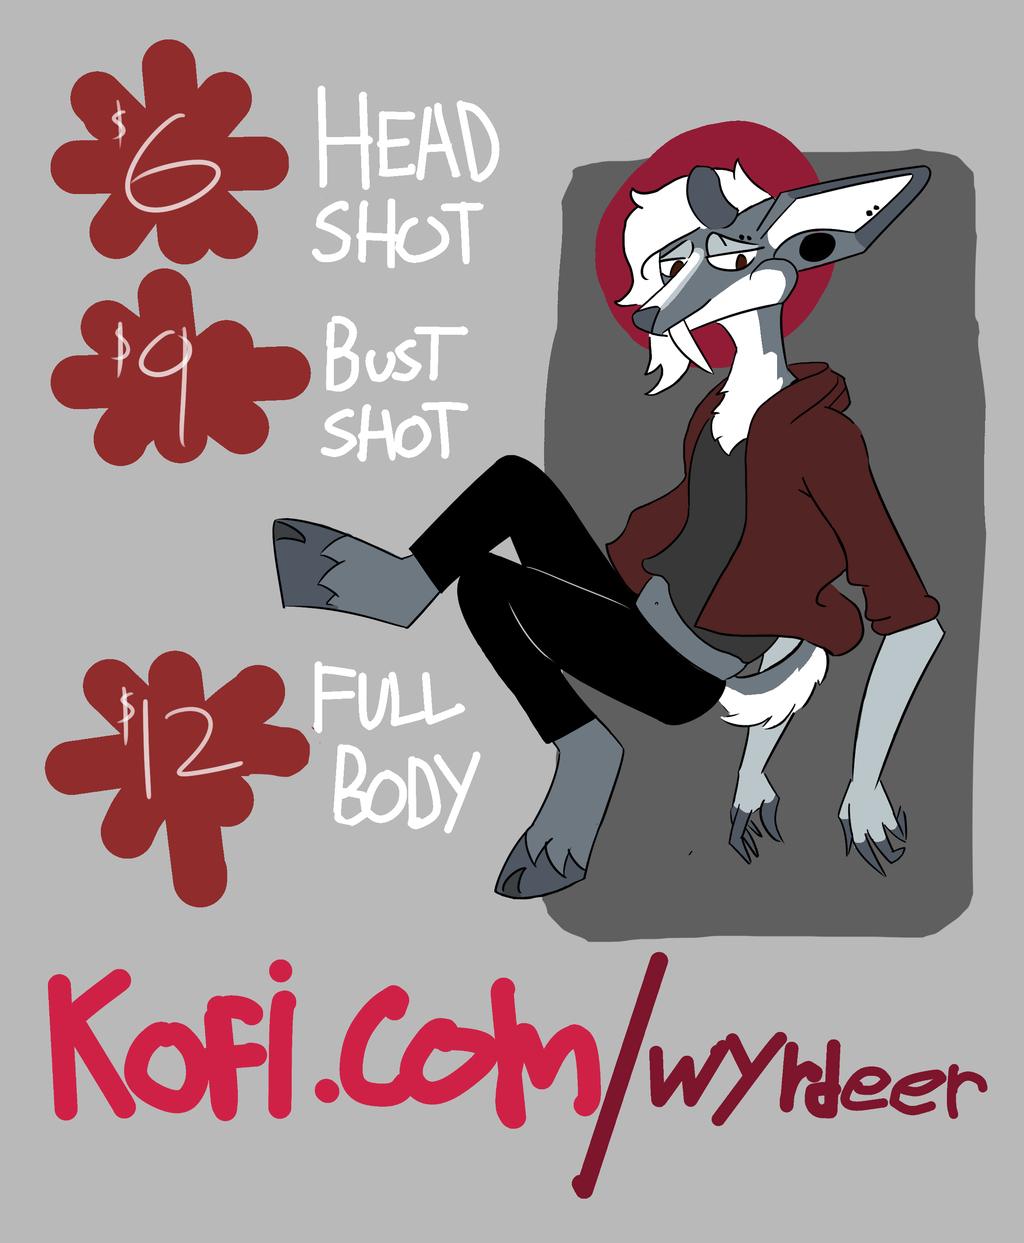 KOFI COMMISSIONS